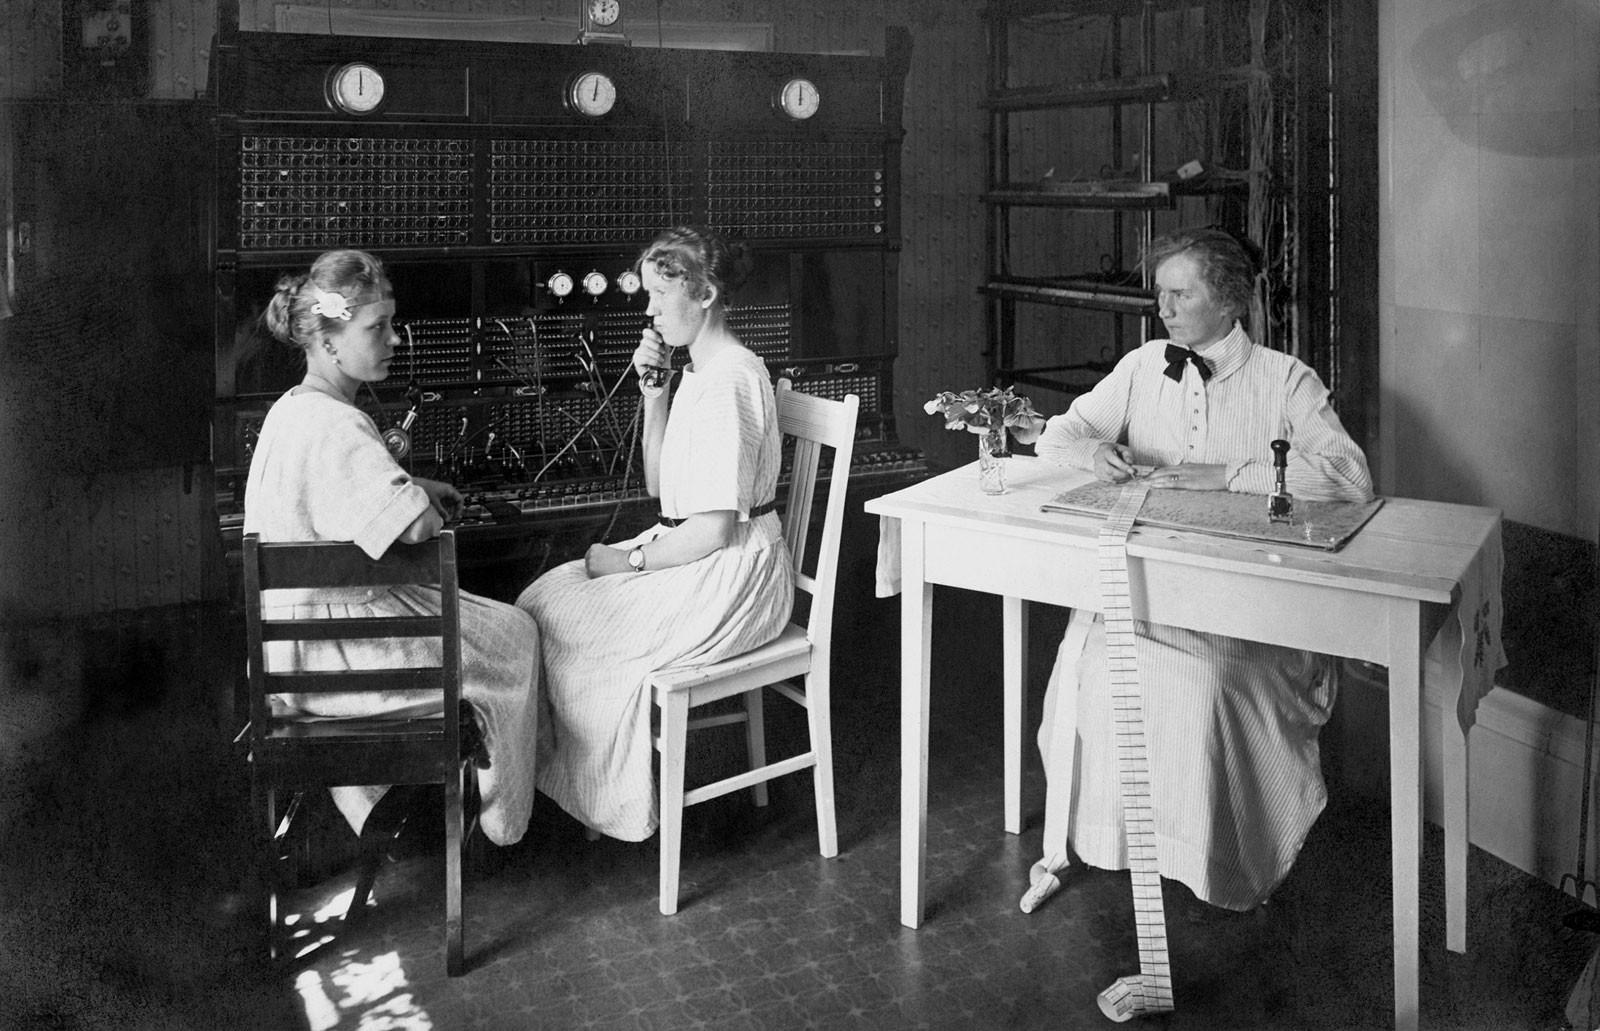 Kulosaaren puhelinkeskus 1920-luvulla. Kuva: Helsingin kaupunginmuseo